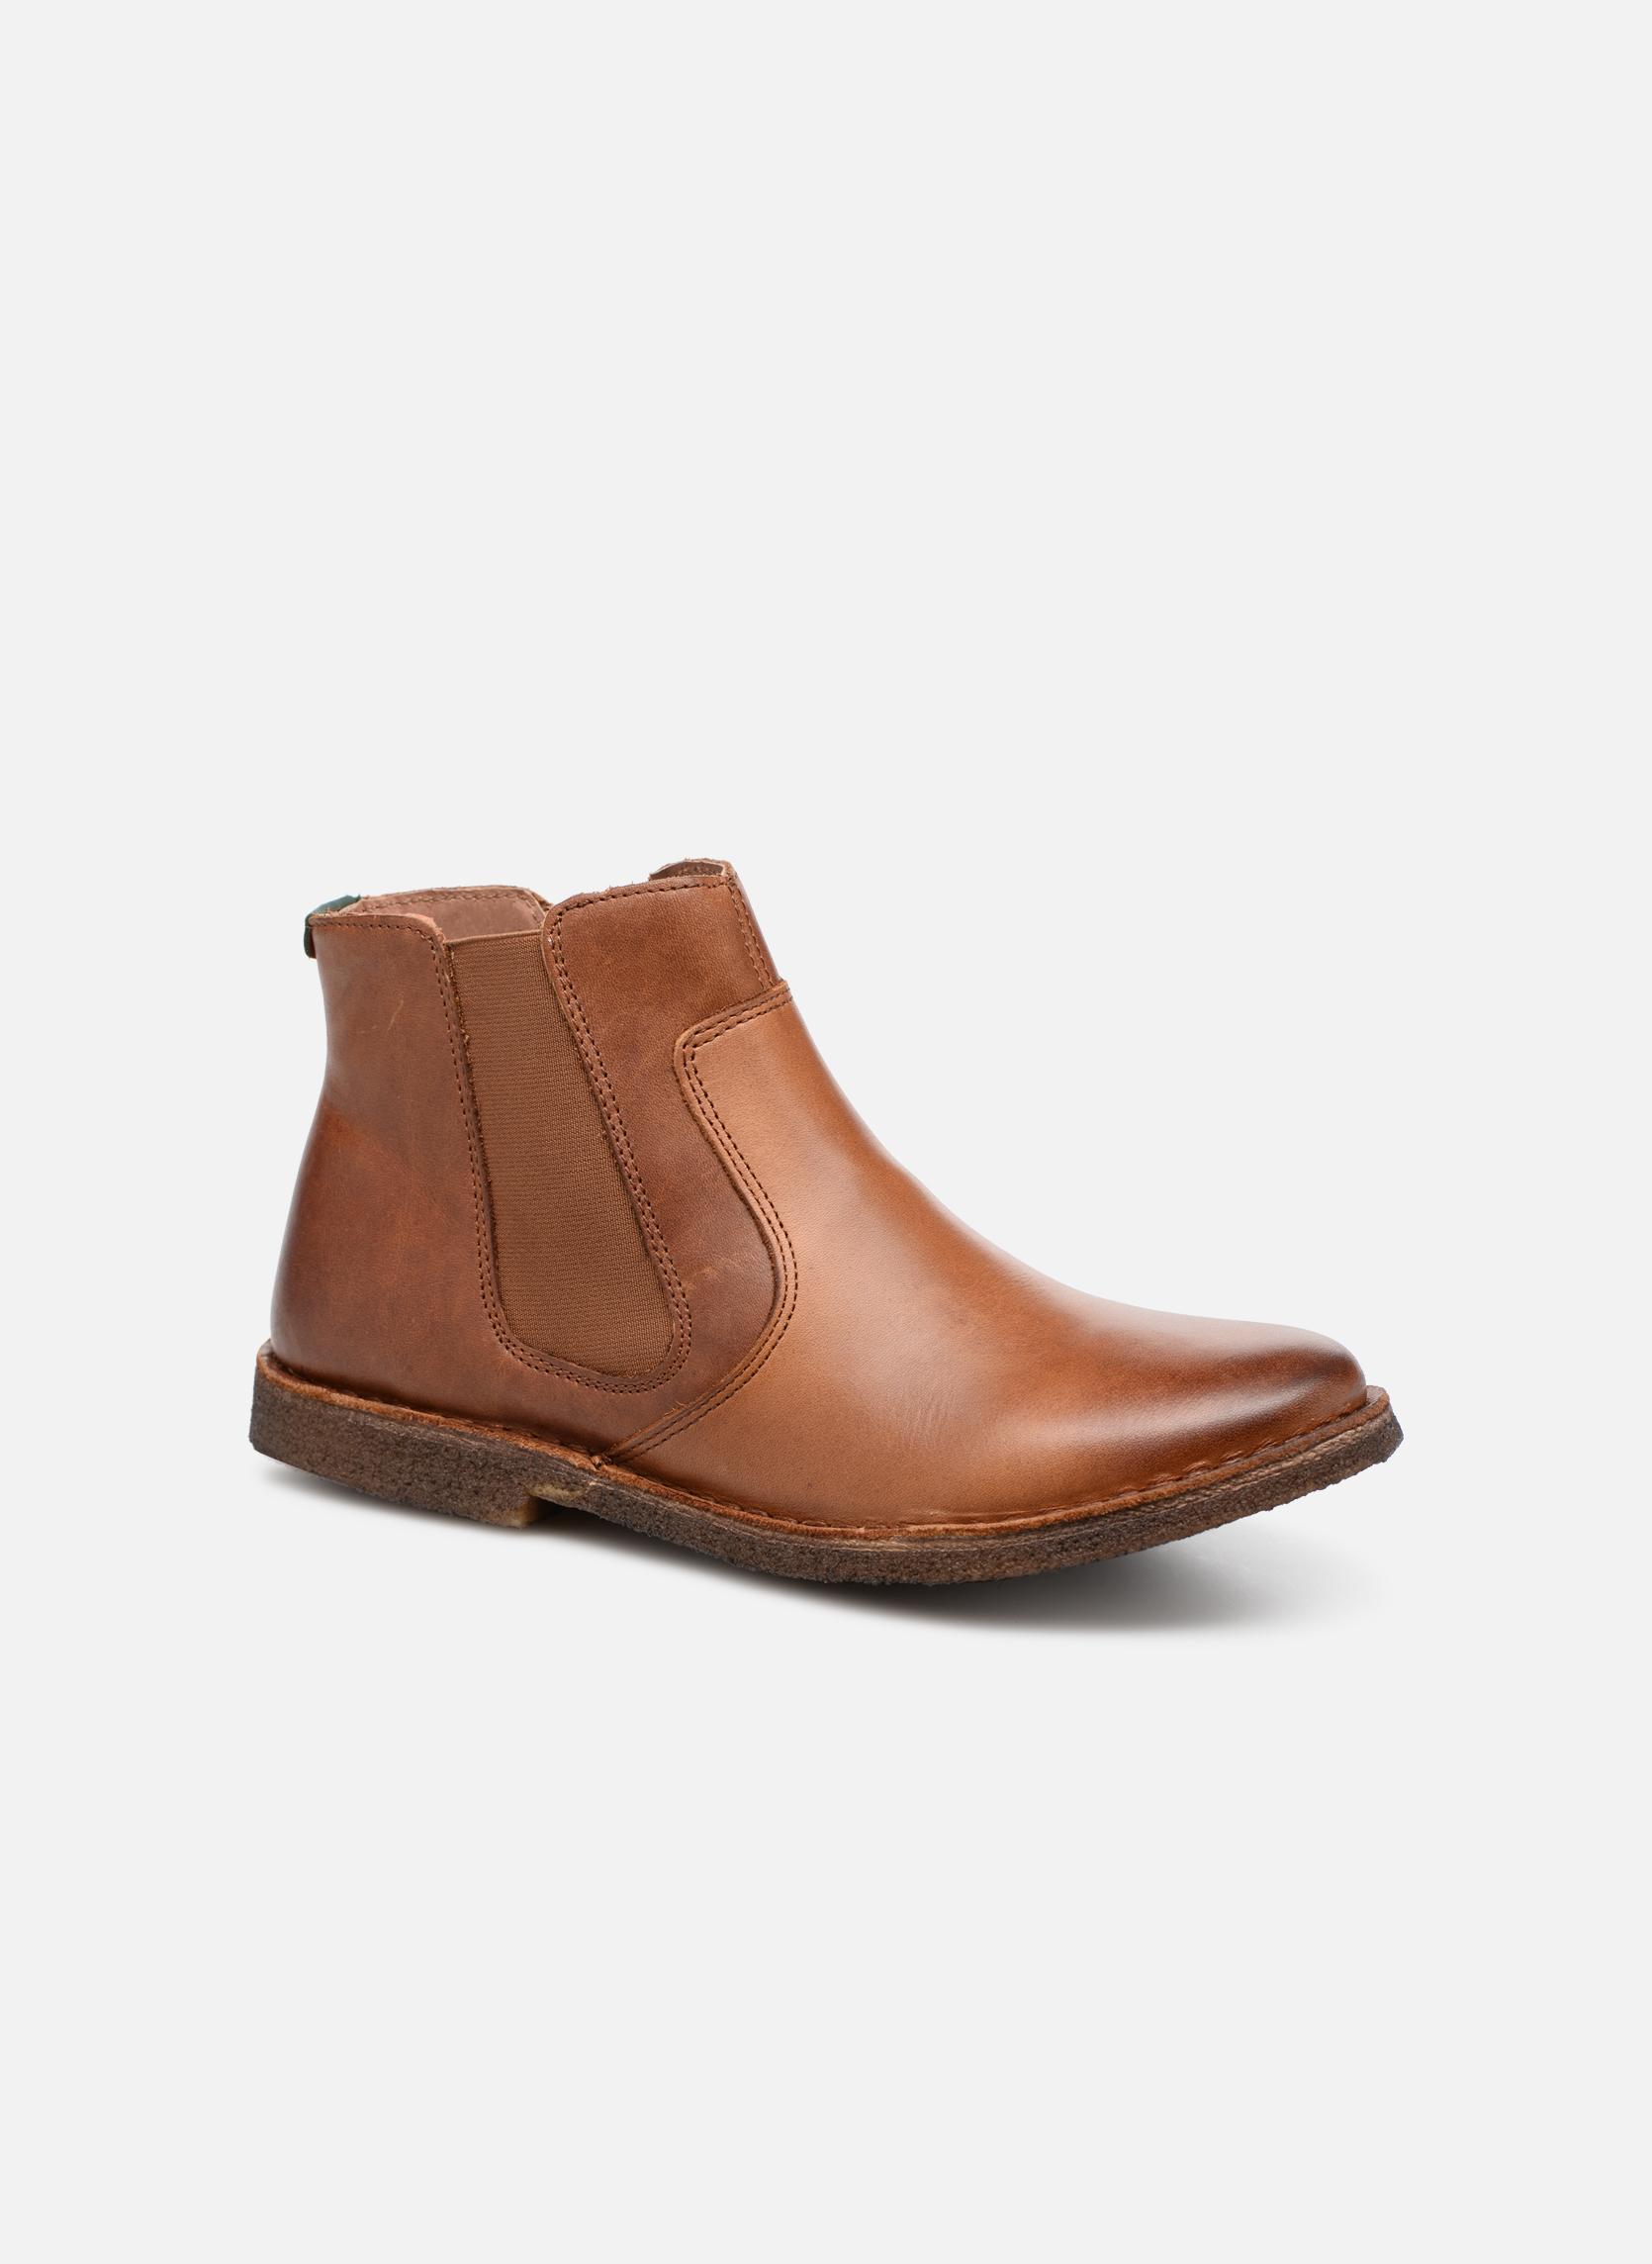 Boots en enkellaarsjes Dames Creboots